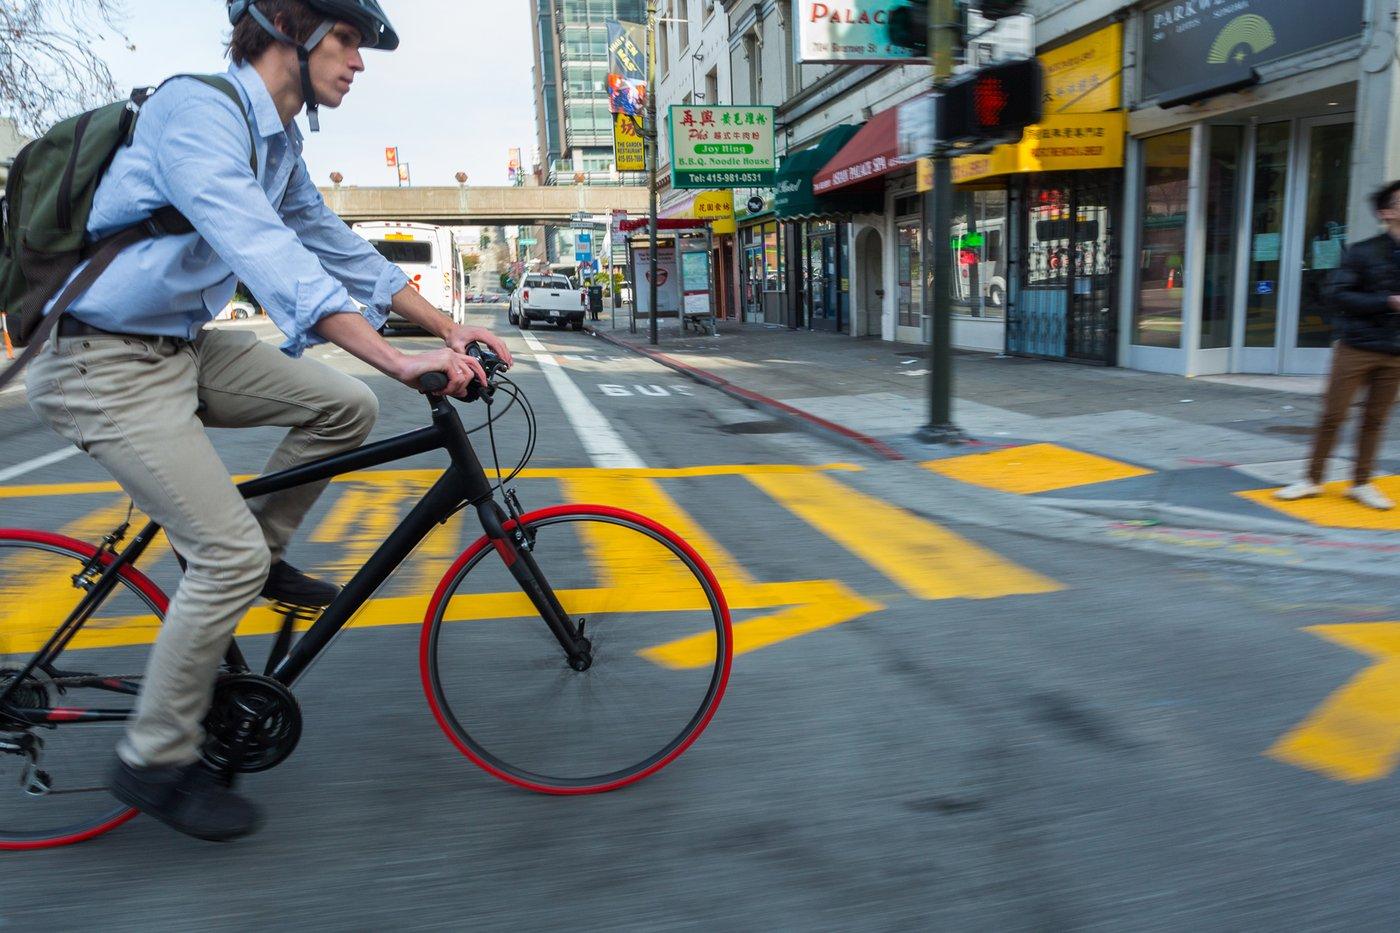 røde cykeldæk til citybike